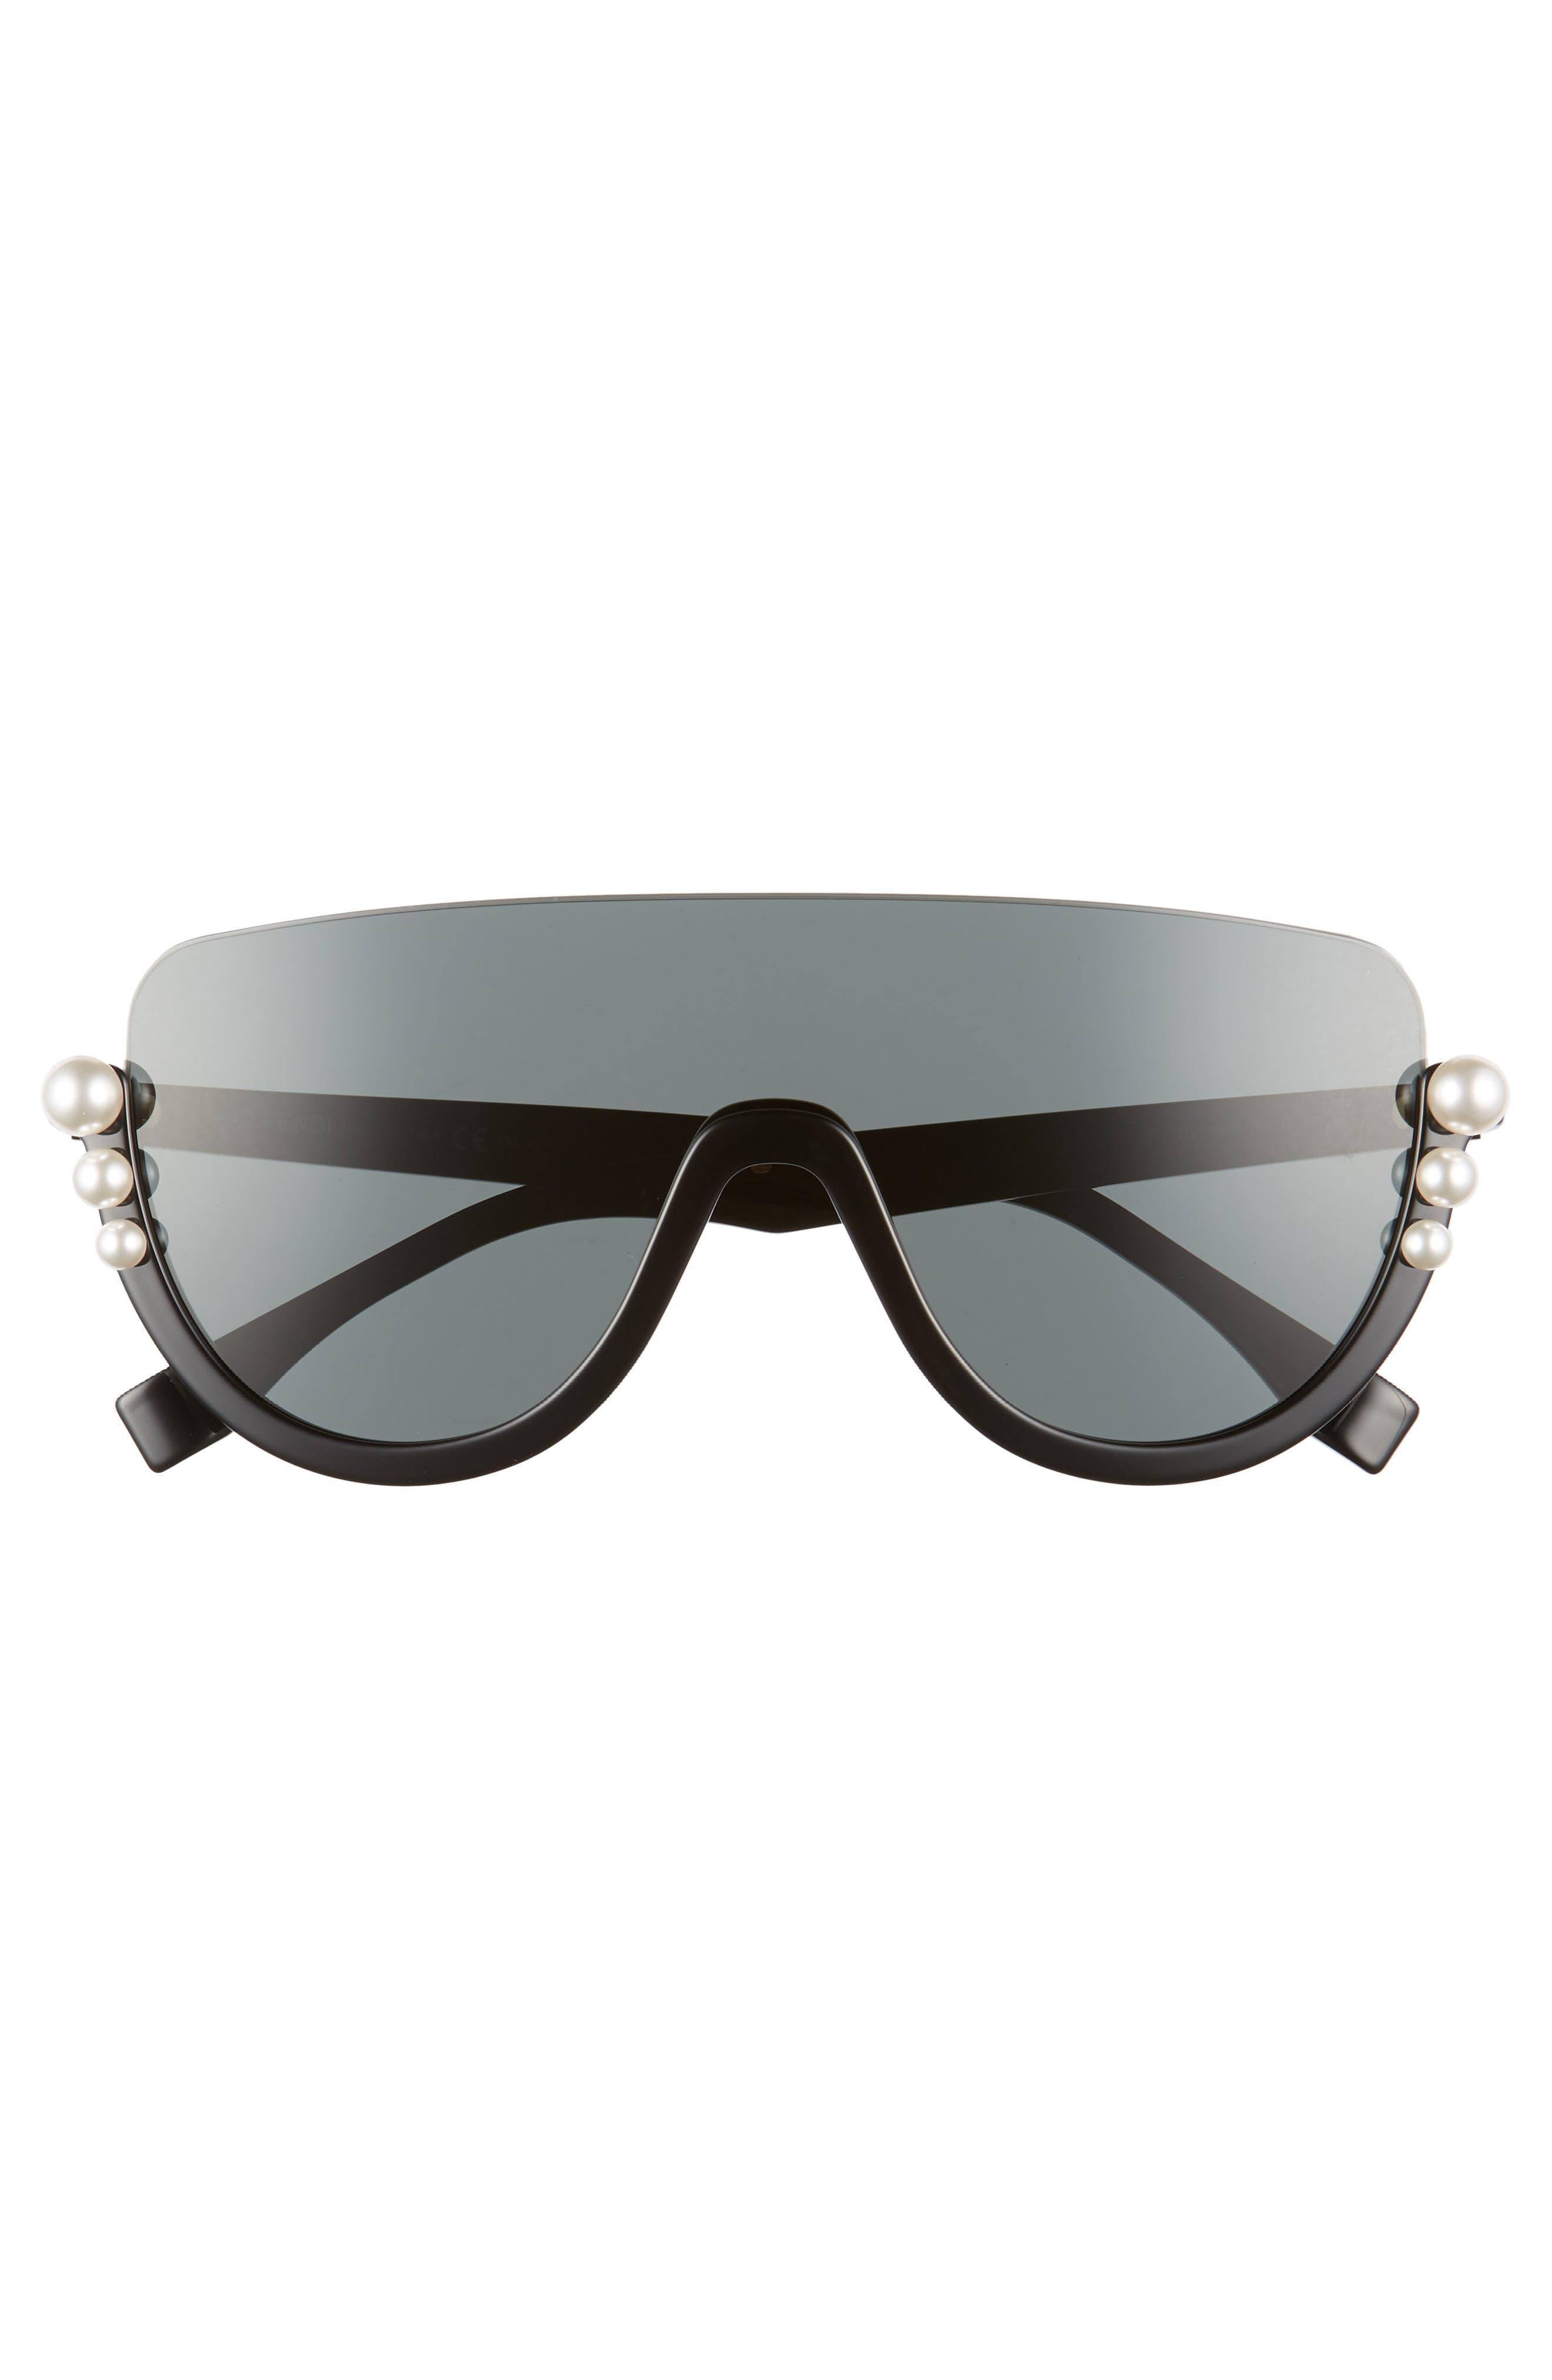 57mm Polarized Rimless Shield Sunglasses,                             Alternate thumbnail 3, color,                             Black